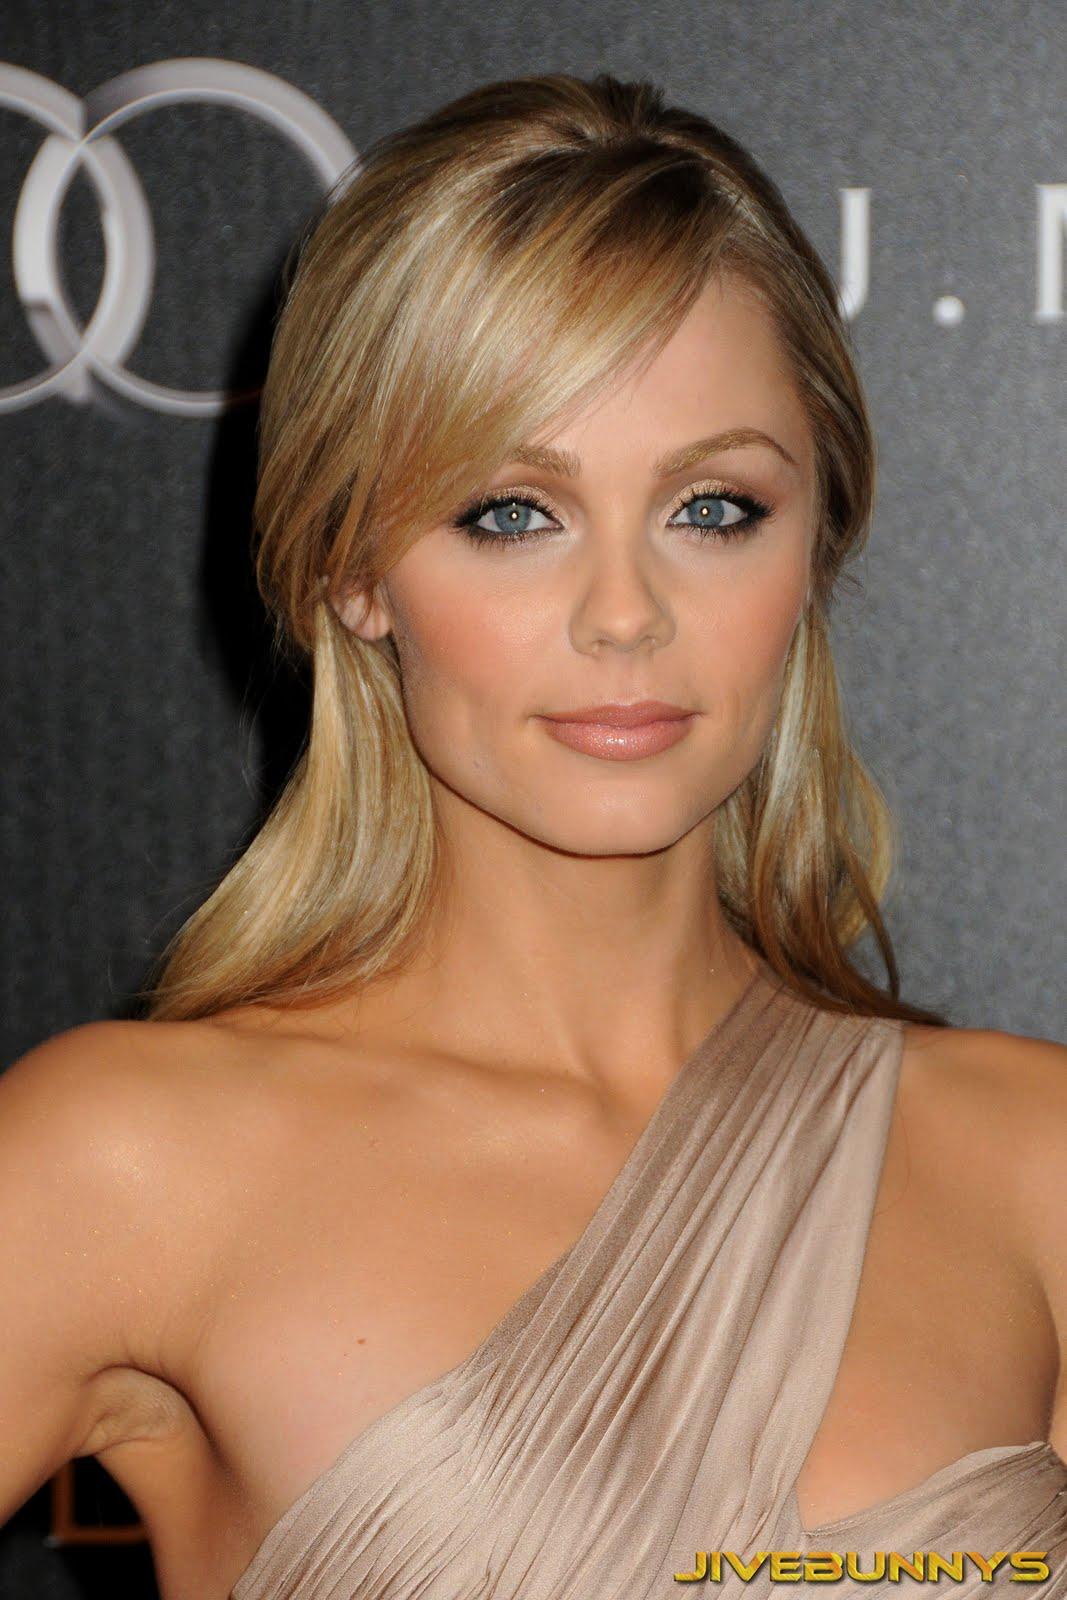 Laura Vandervoort Special Pictures 3 Film Actresses